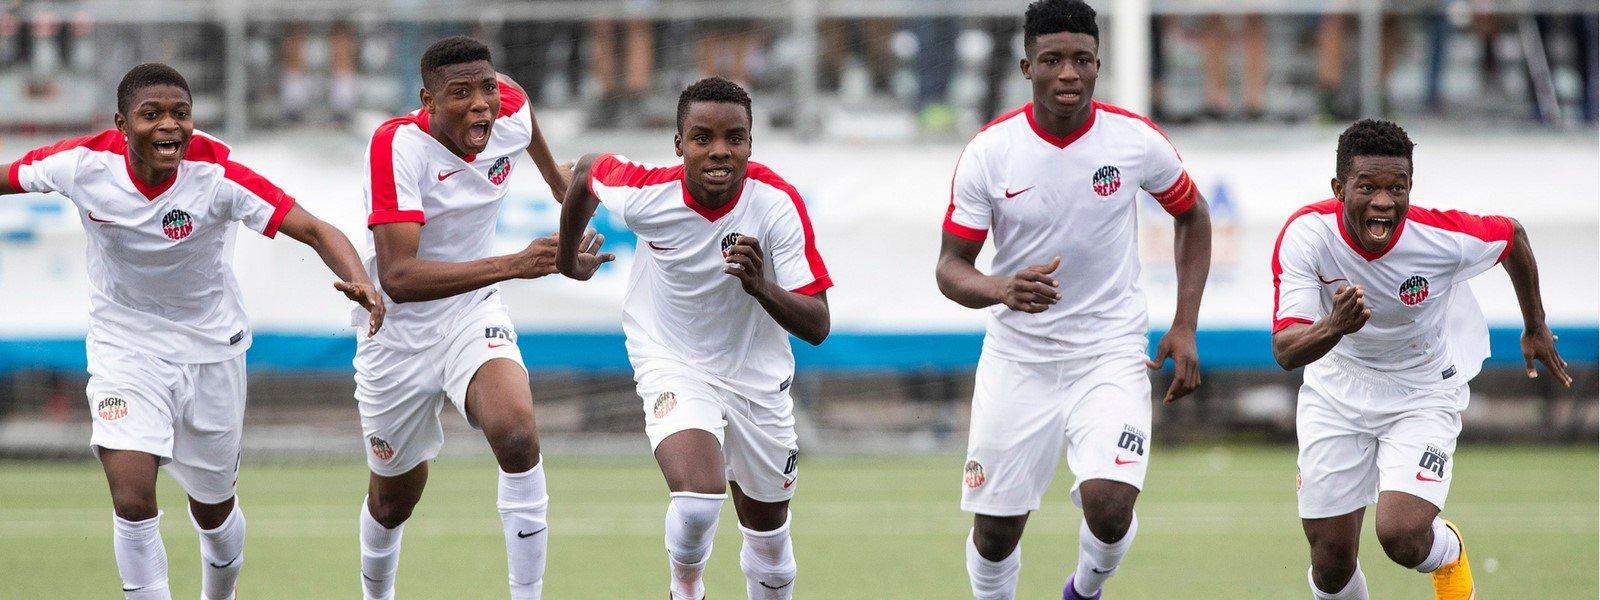 Right to Dream: o futebol como mecanismo social para as crianças de Gana